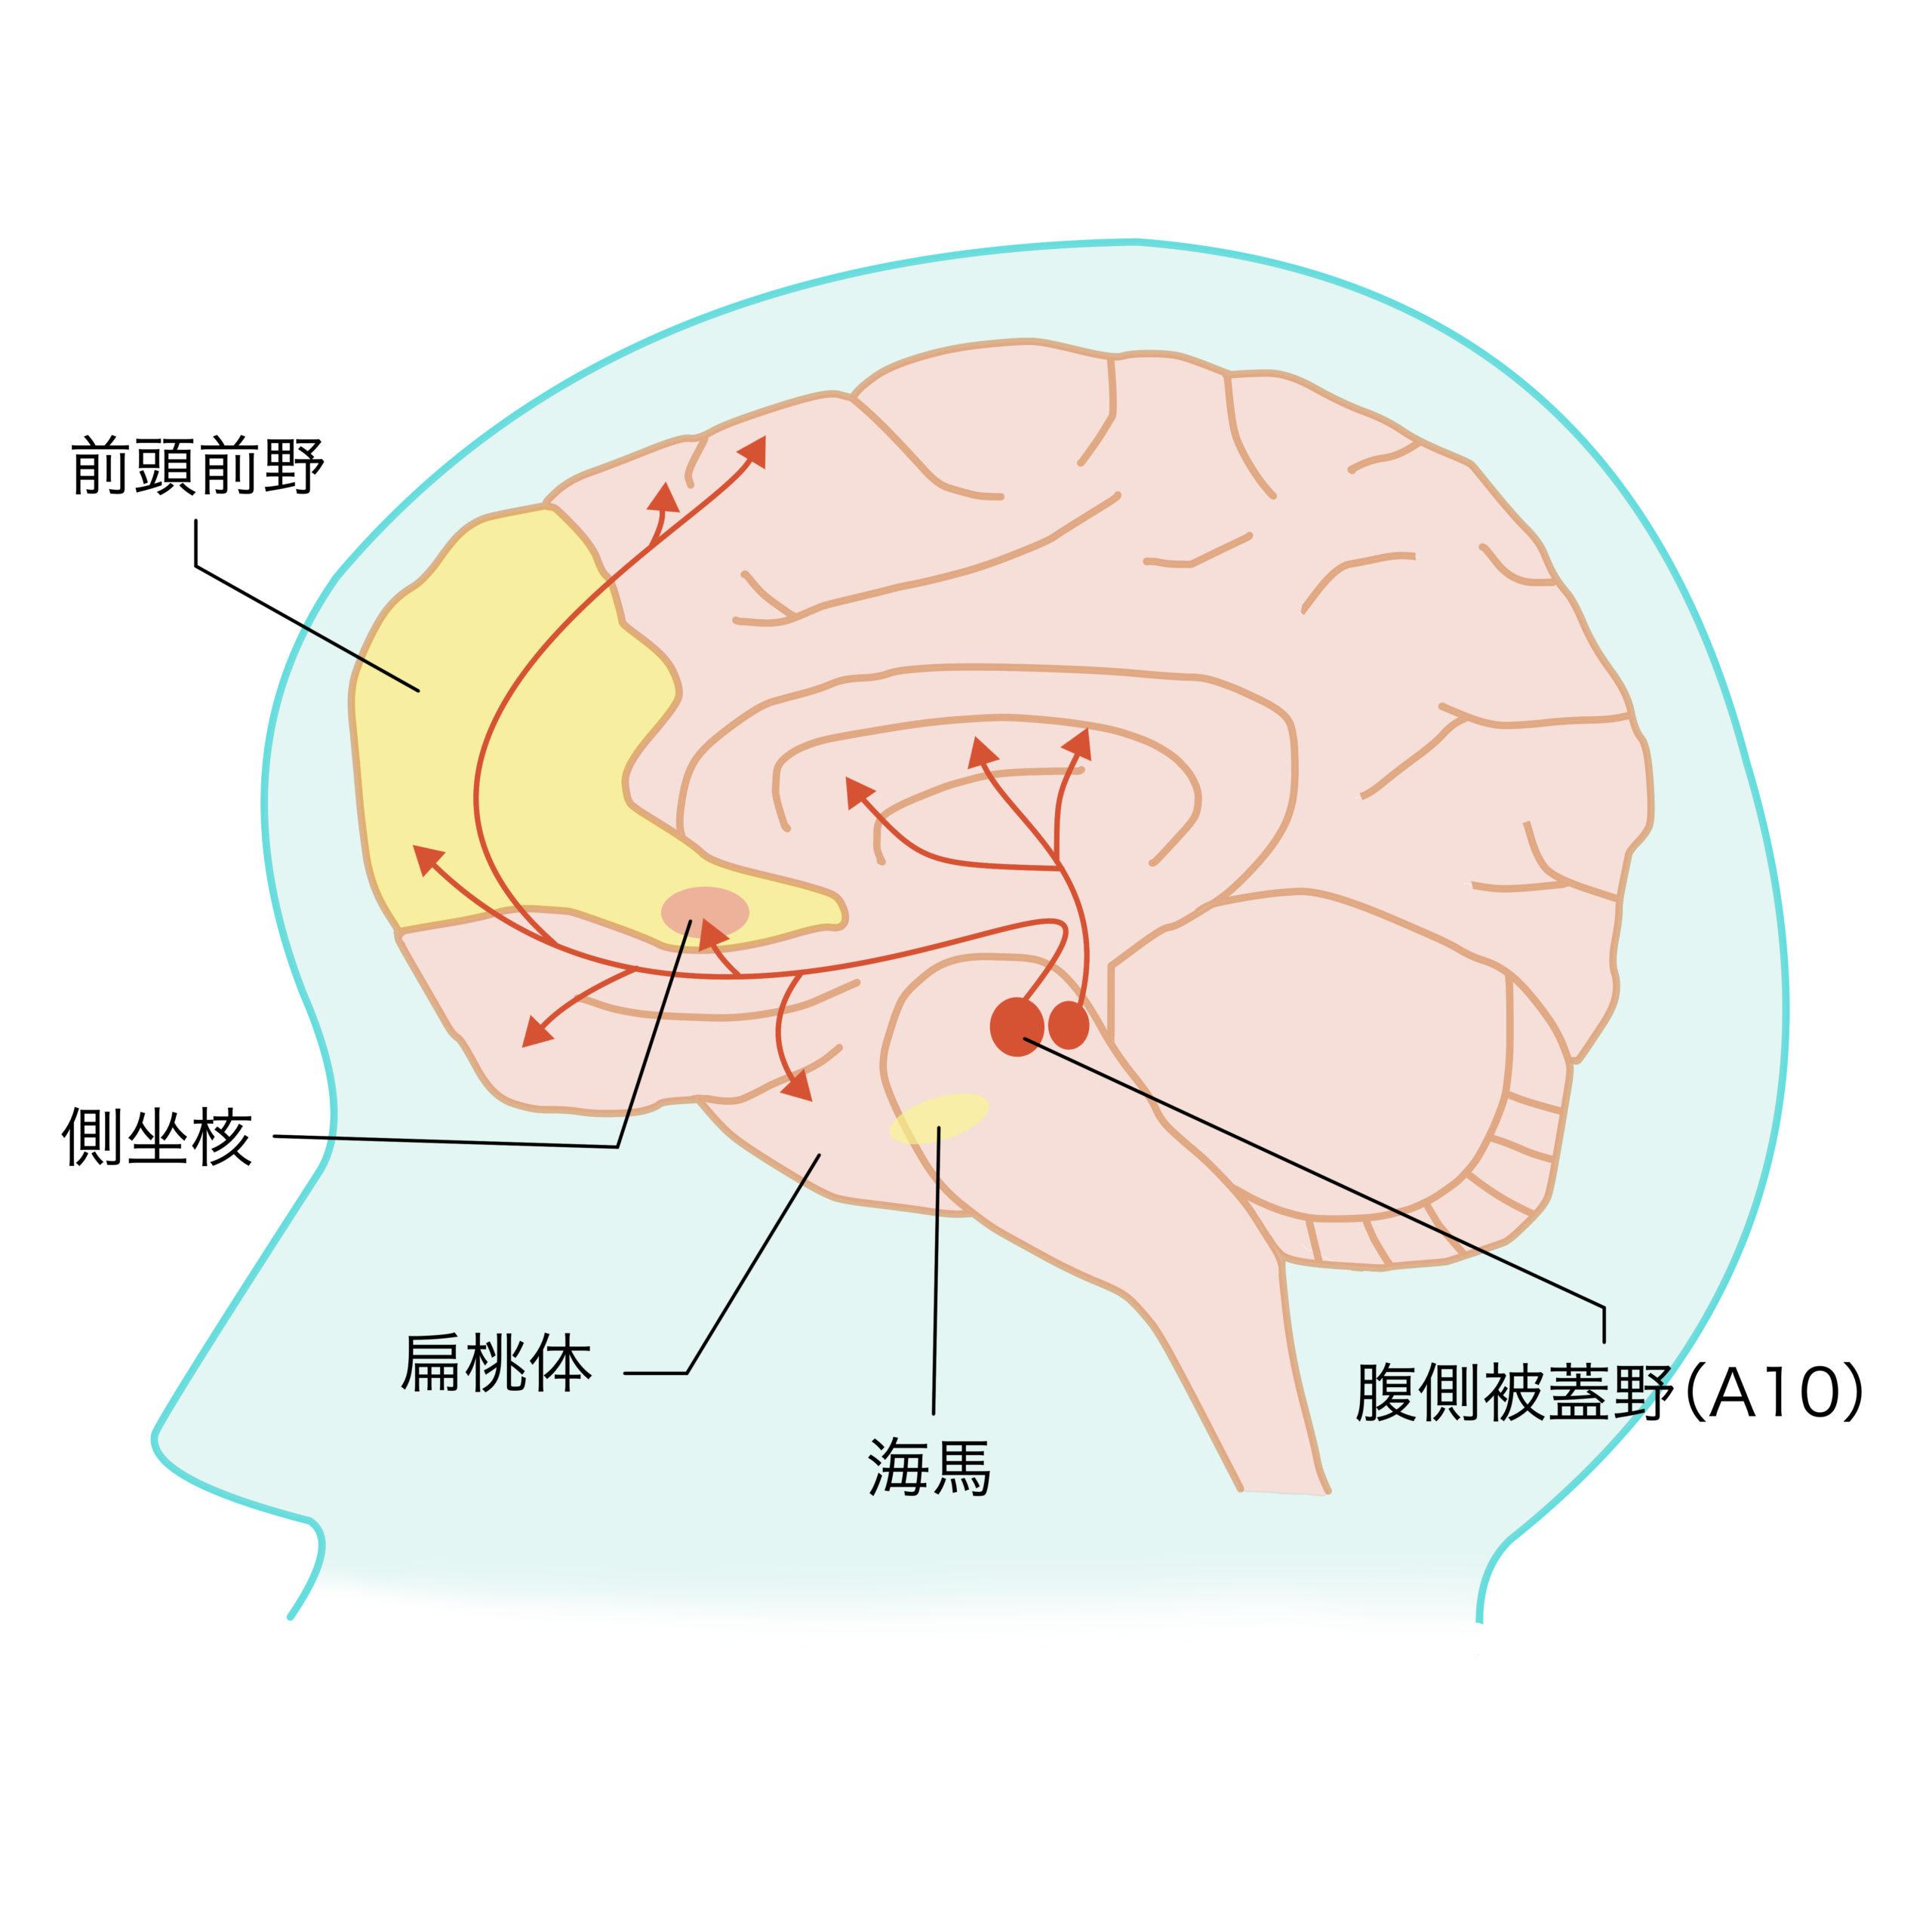 イラスト3_脳のイラスト修正